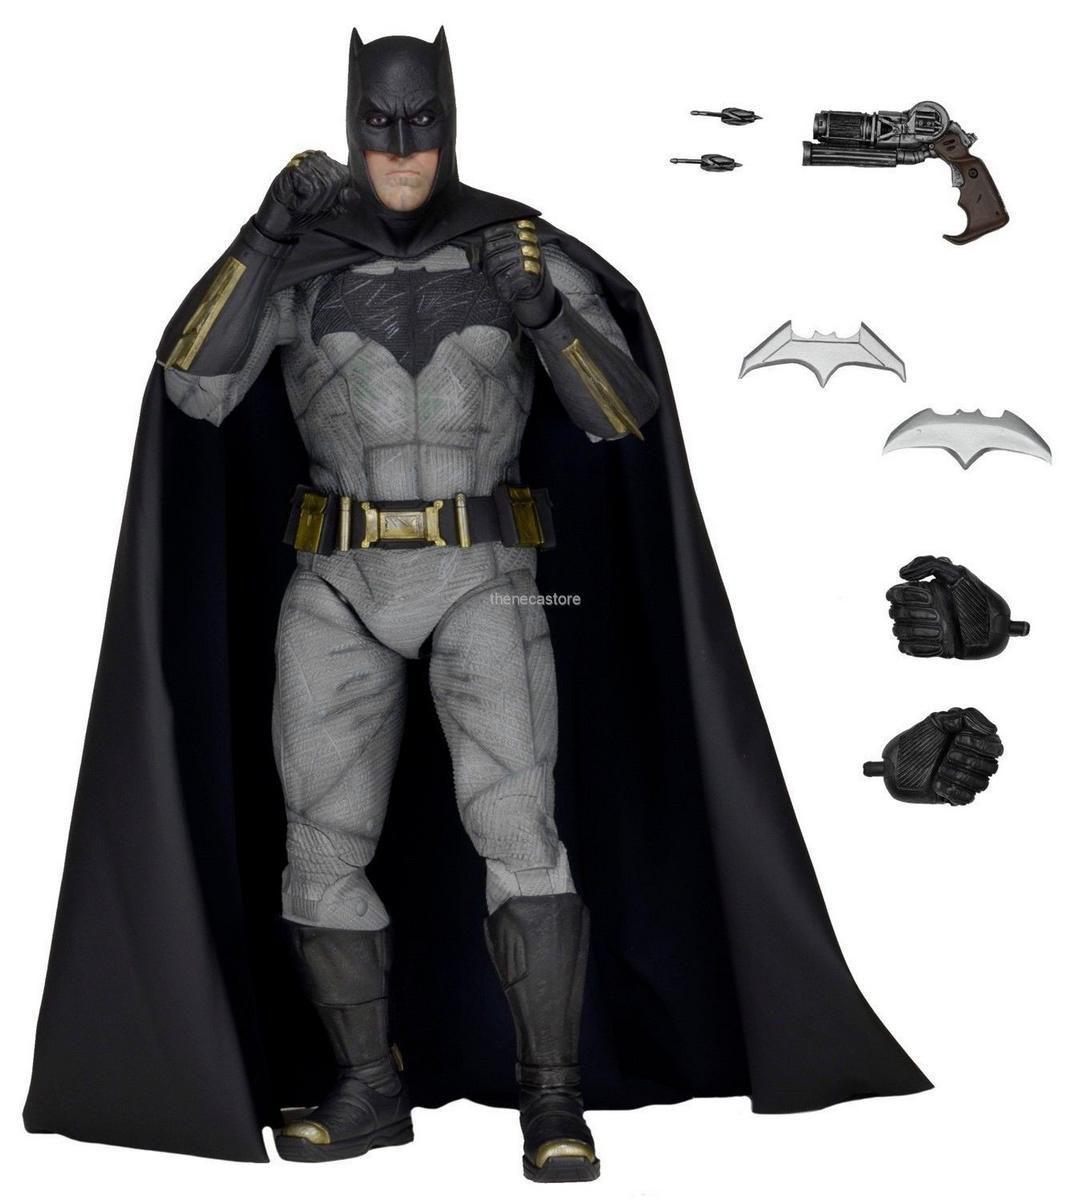 Boneco Batman 1 4 Batman Vs Superman Boneco Superman